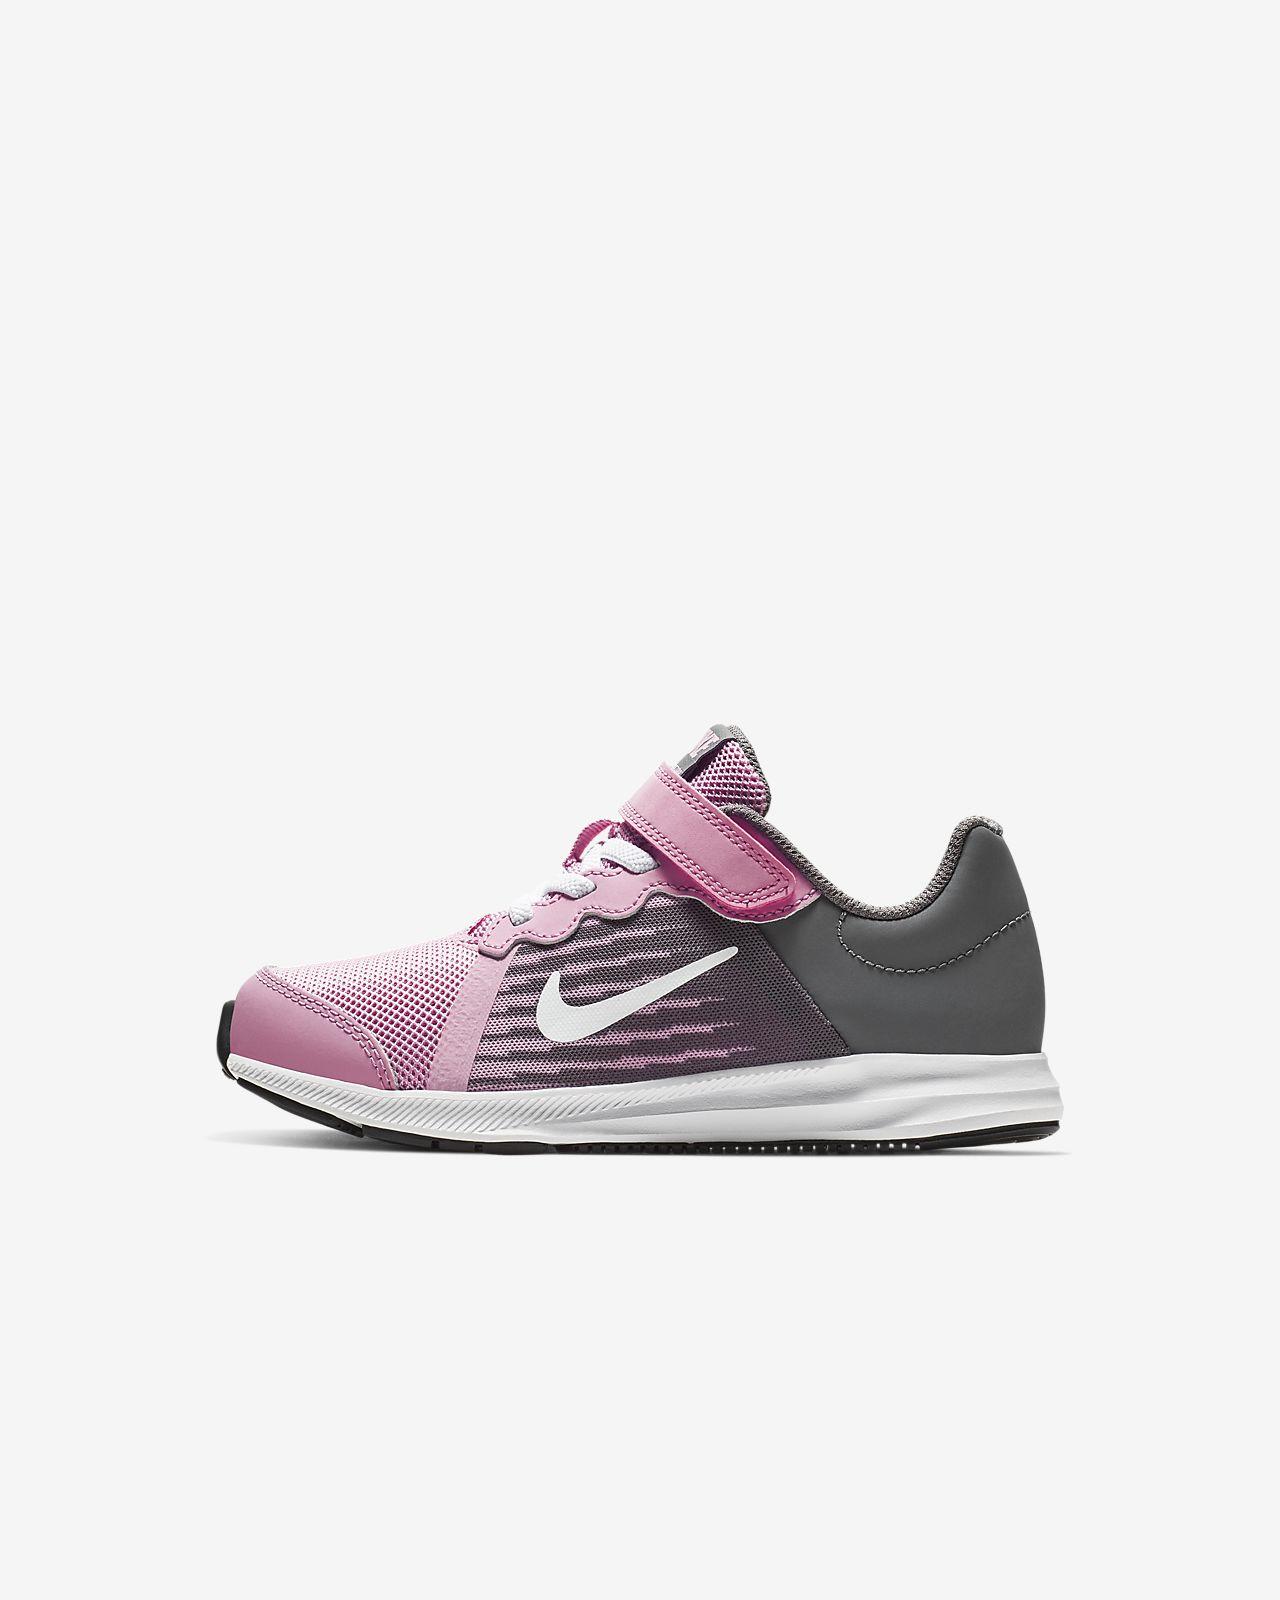 Παπούτσι Nike Downshifter 8 για μικρά παιδιά